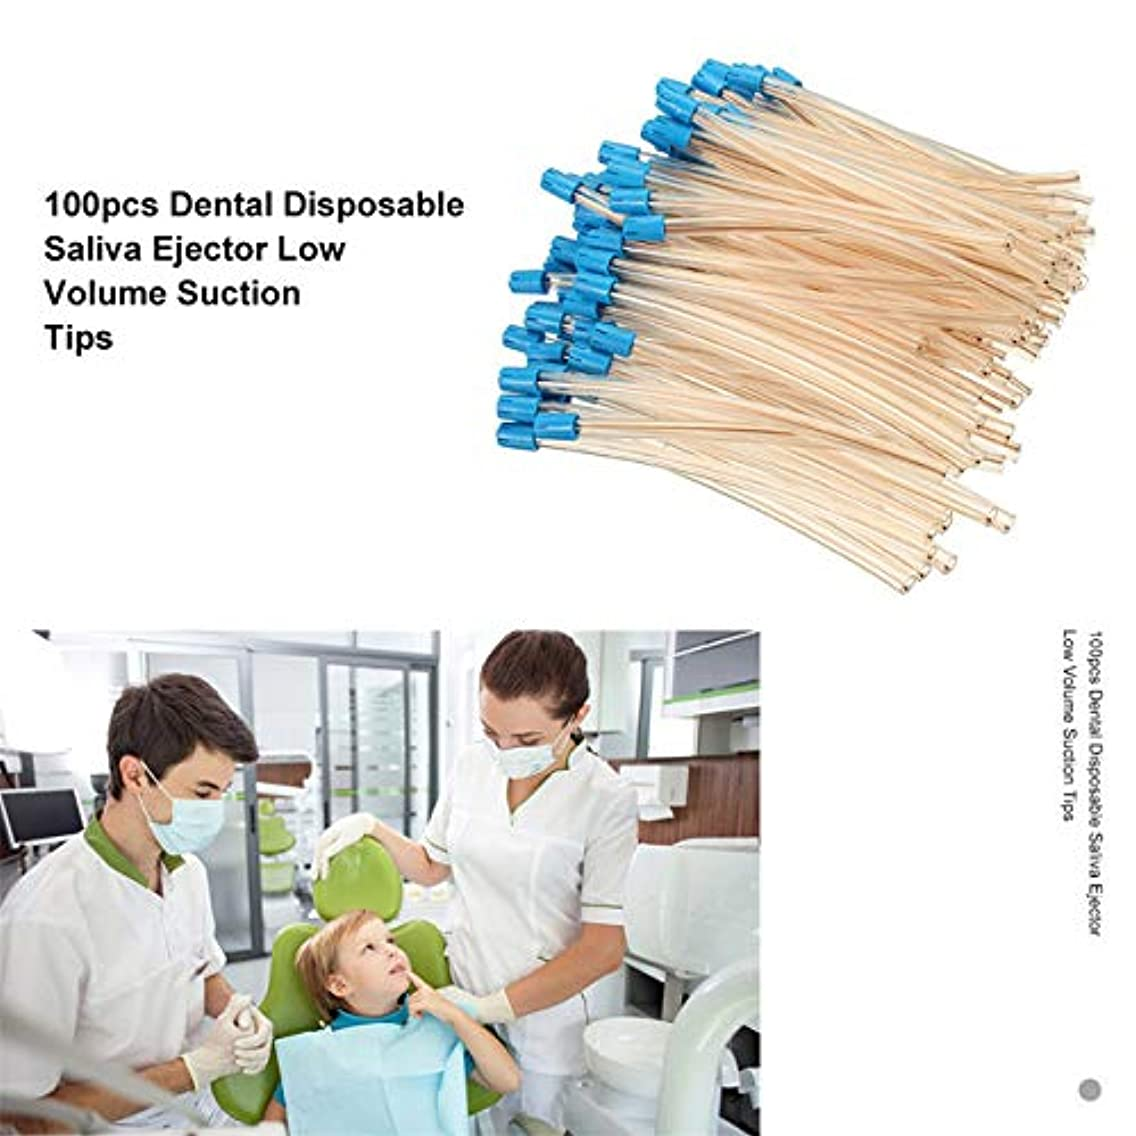 に渡って群集不道徳Rabugoo 100個の歯科用使い捨て唾液エジェクタ低容量吸引チップアスピレータチューブオーラルケアツール